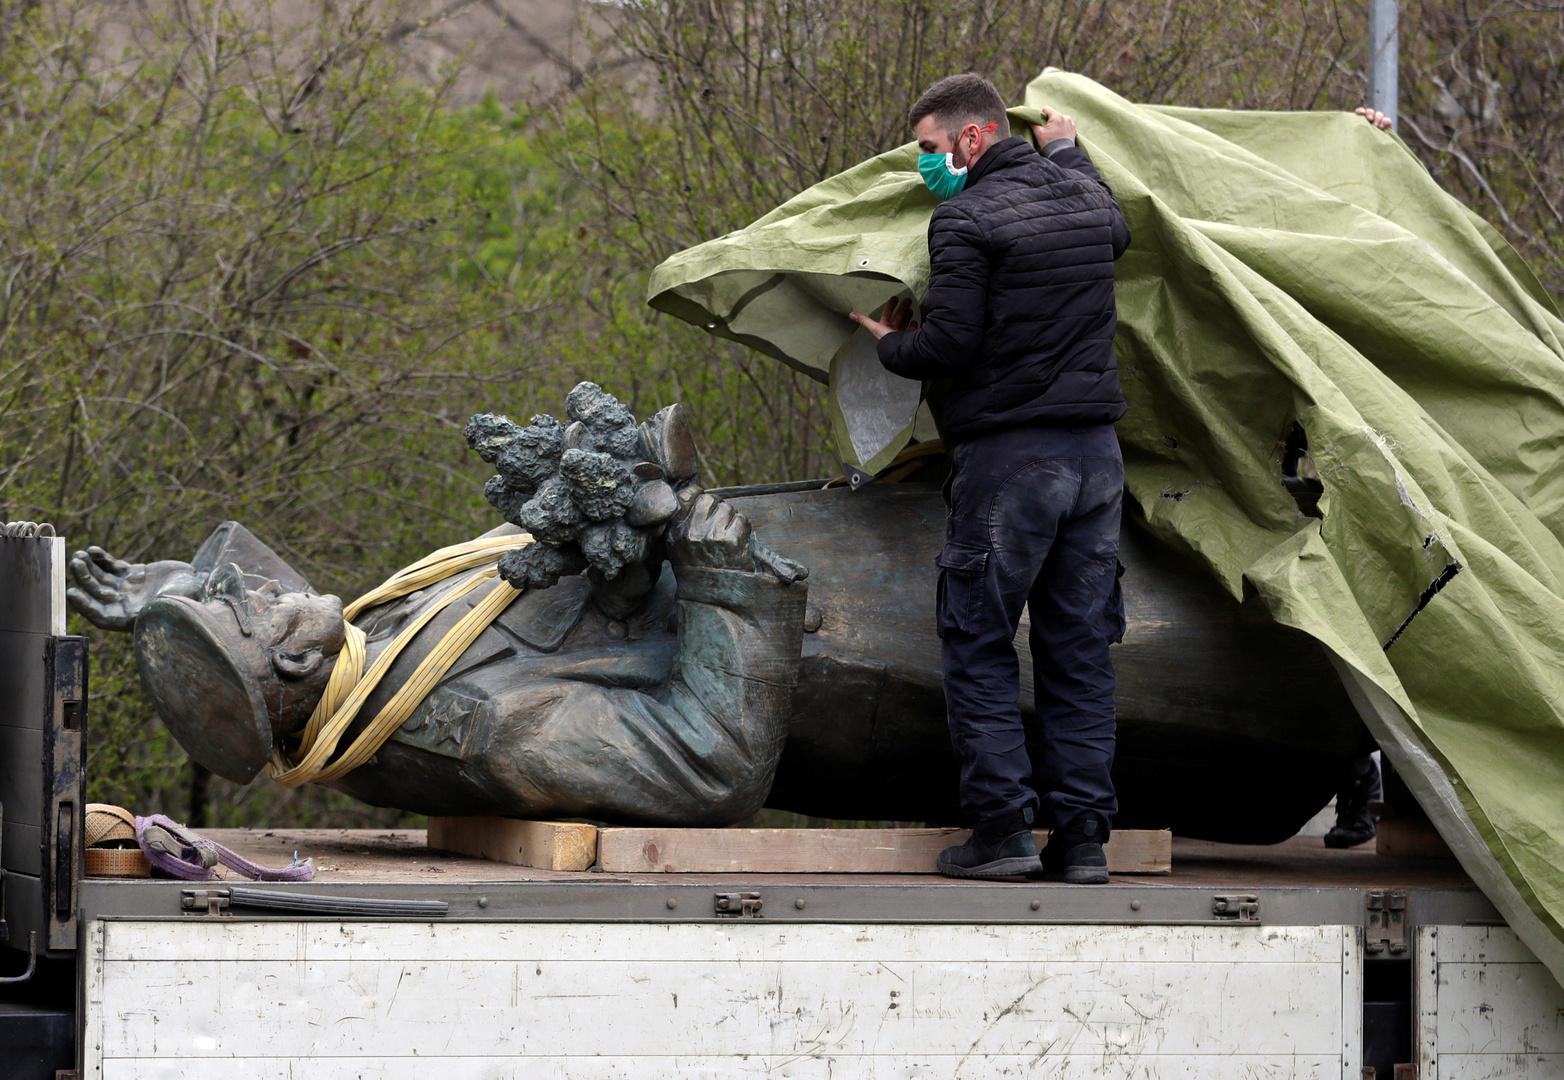 تمثال المارشال السوفيتي إيفان كونيف، براغ، 3 أبريل 2020